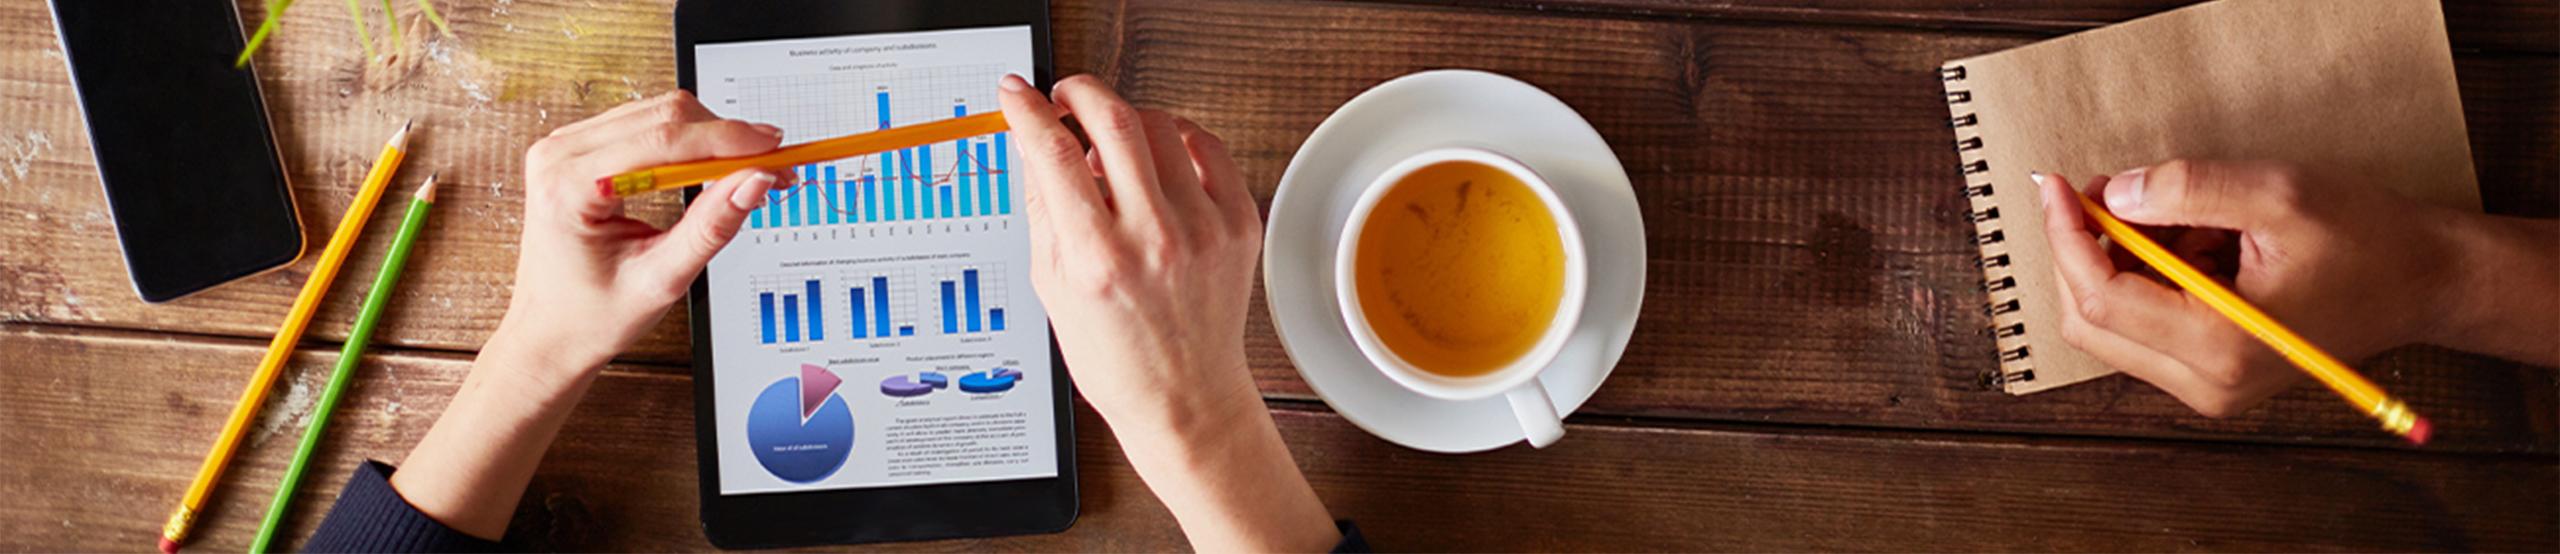 Working on iPad | Naples Global Advisors, SEC Registered Investment Advisor